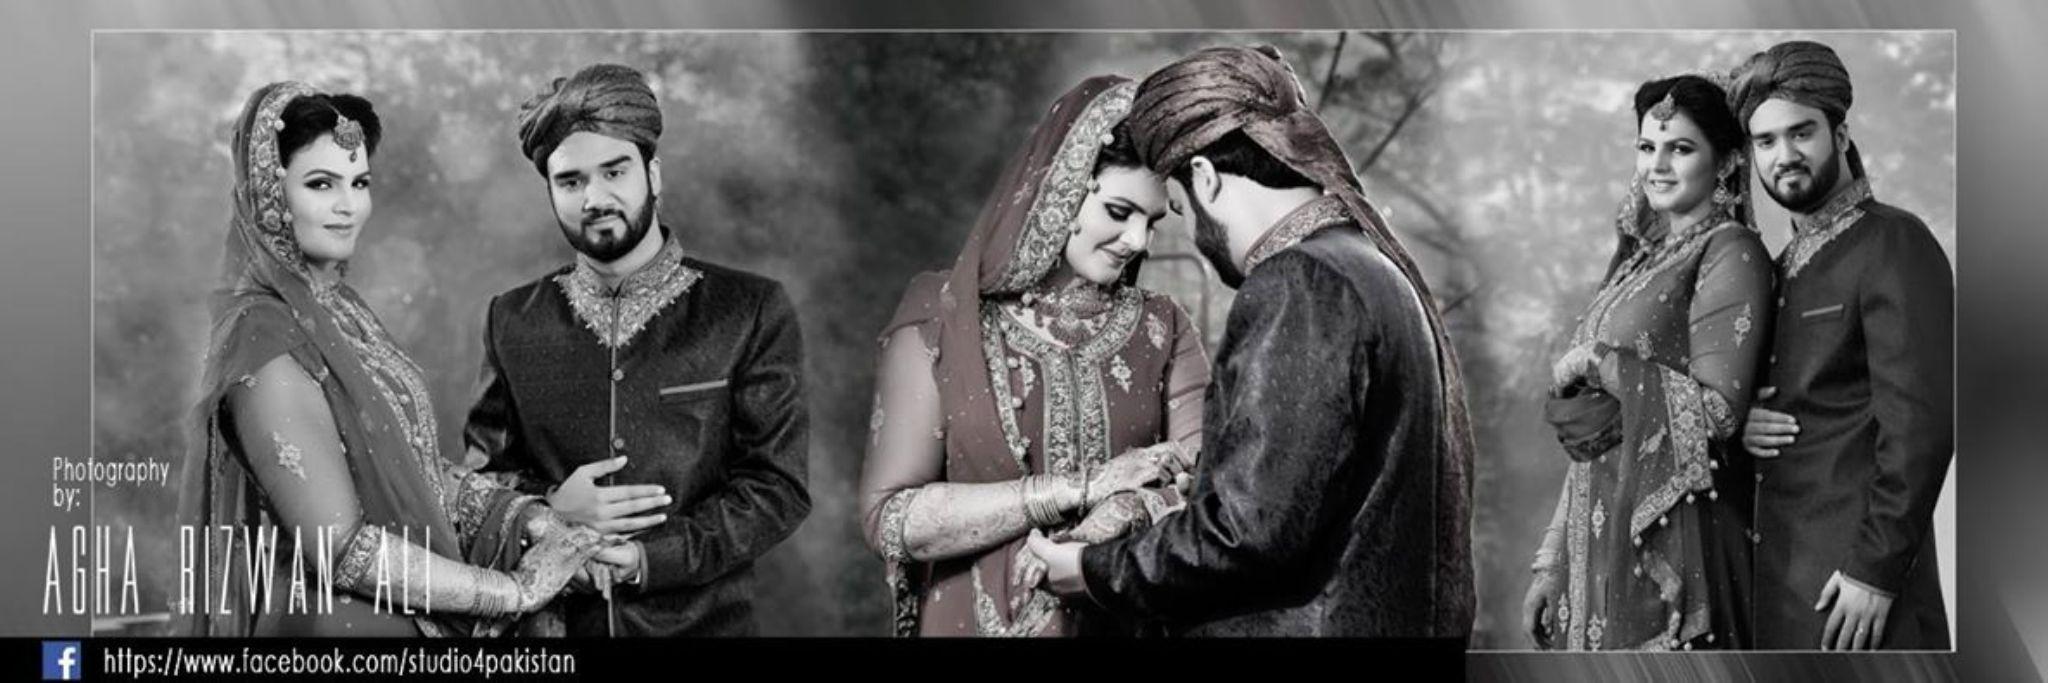 Wedding Album by ARAli